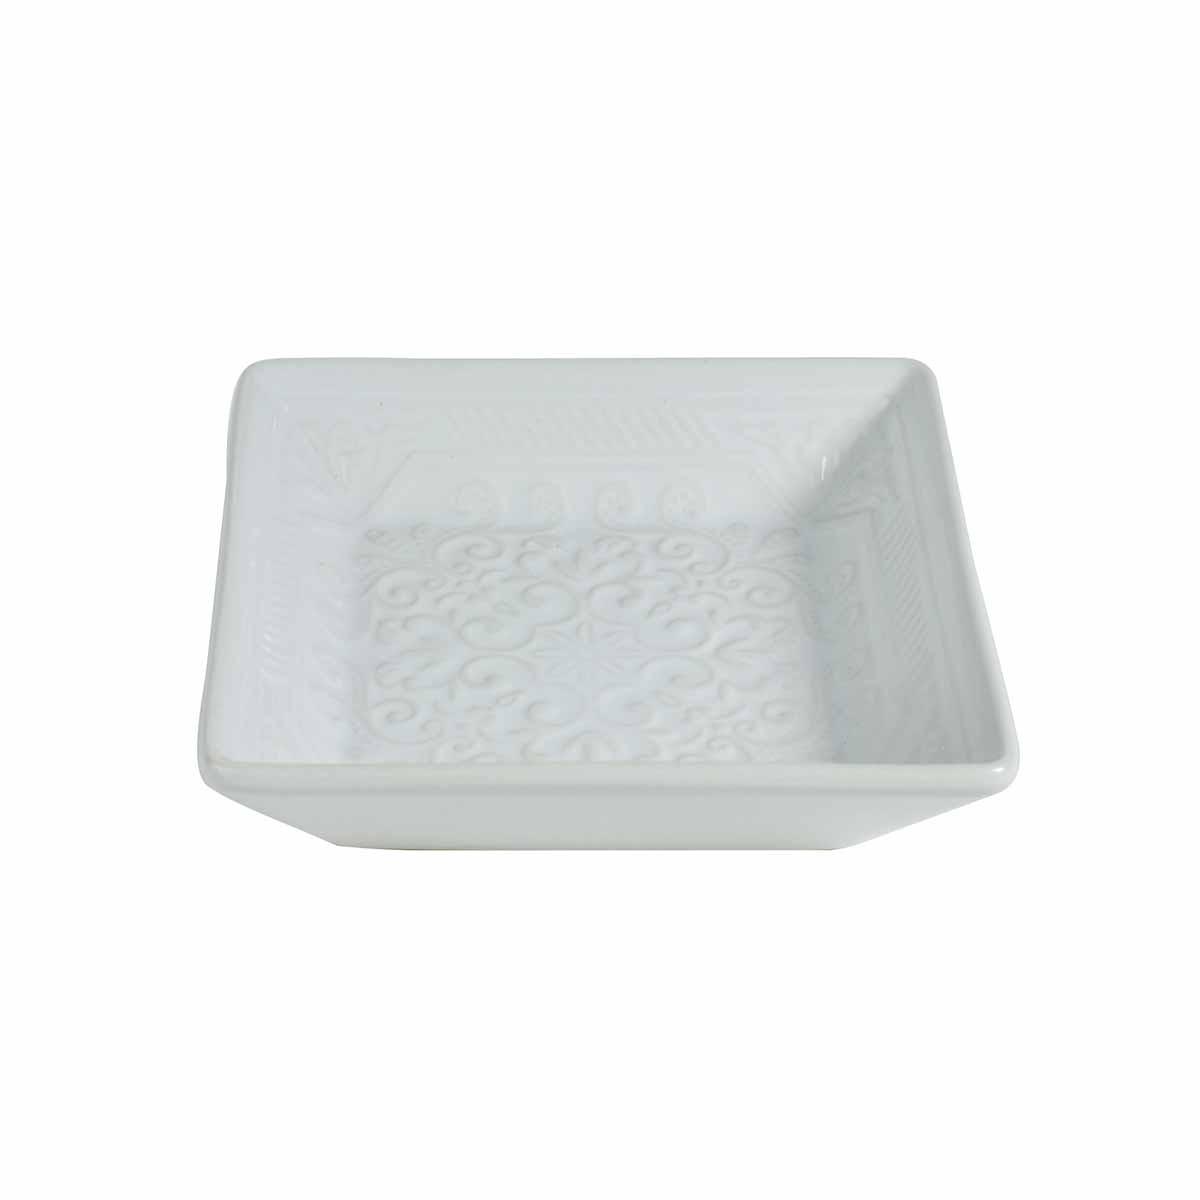 Σαπουνοθήκη Estia Square White 02-6587